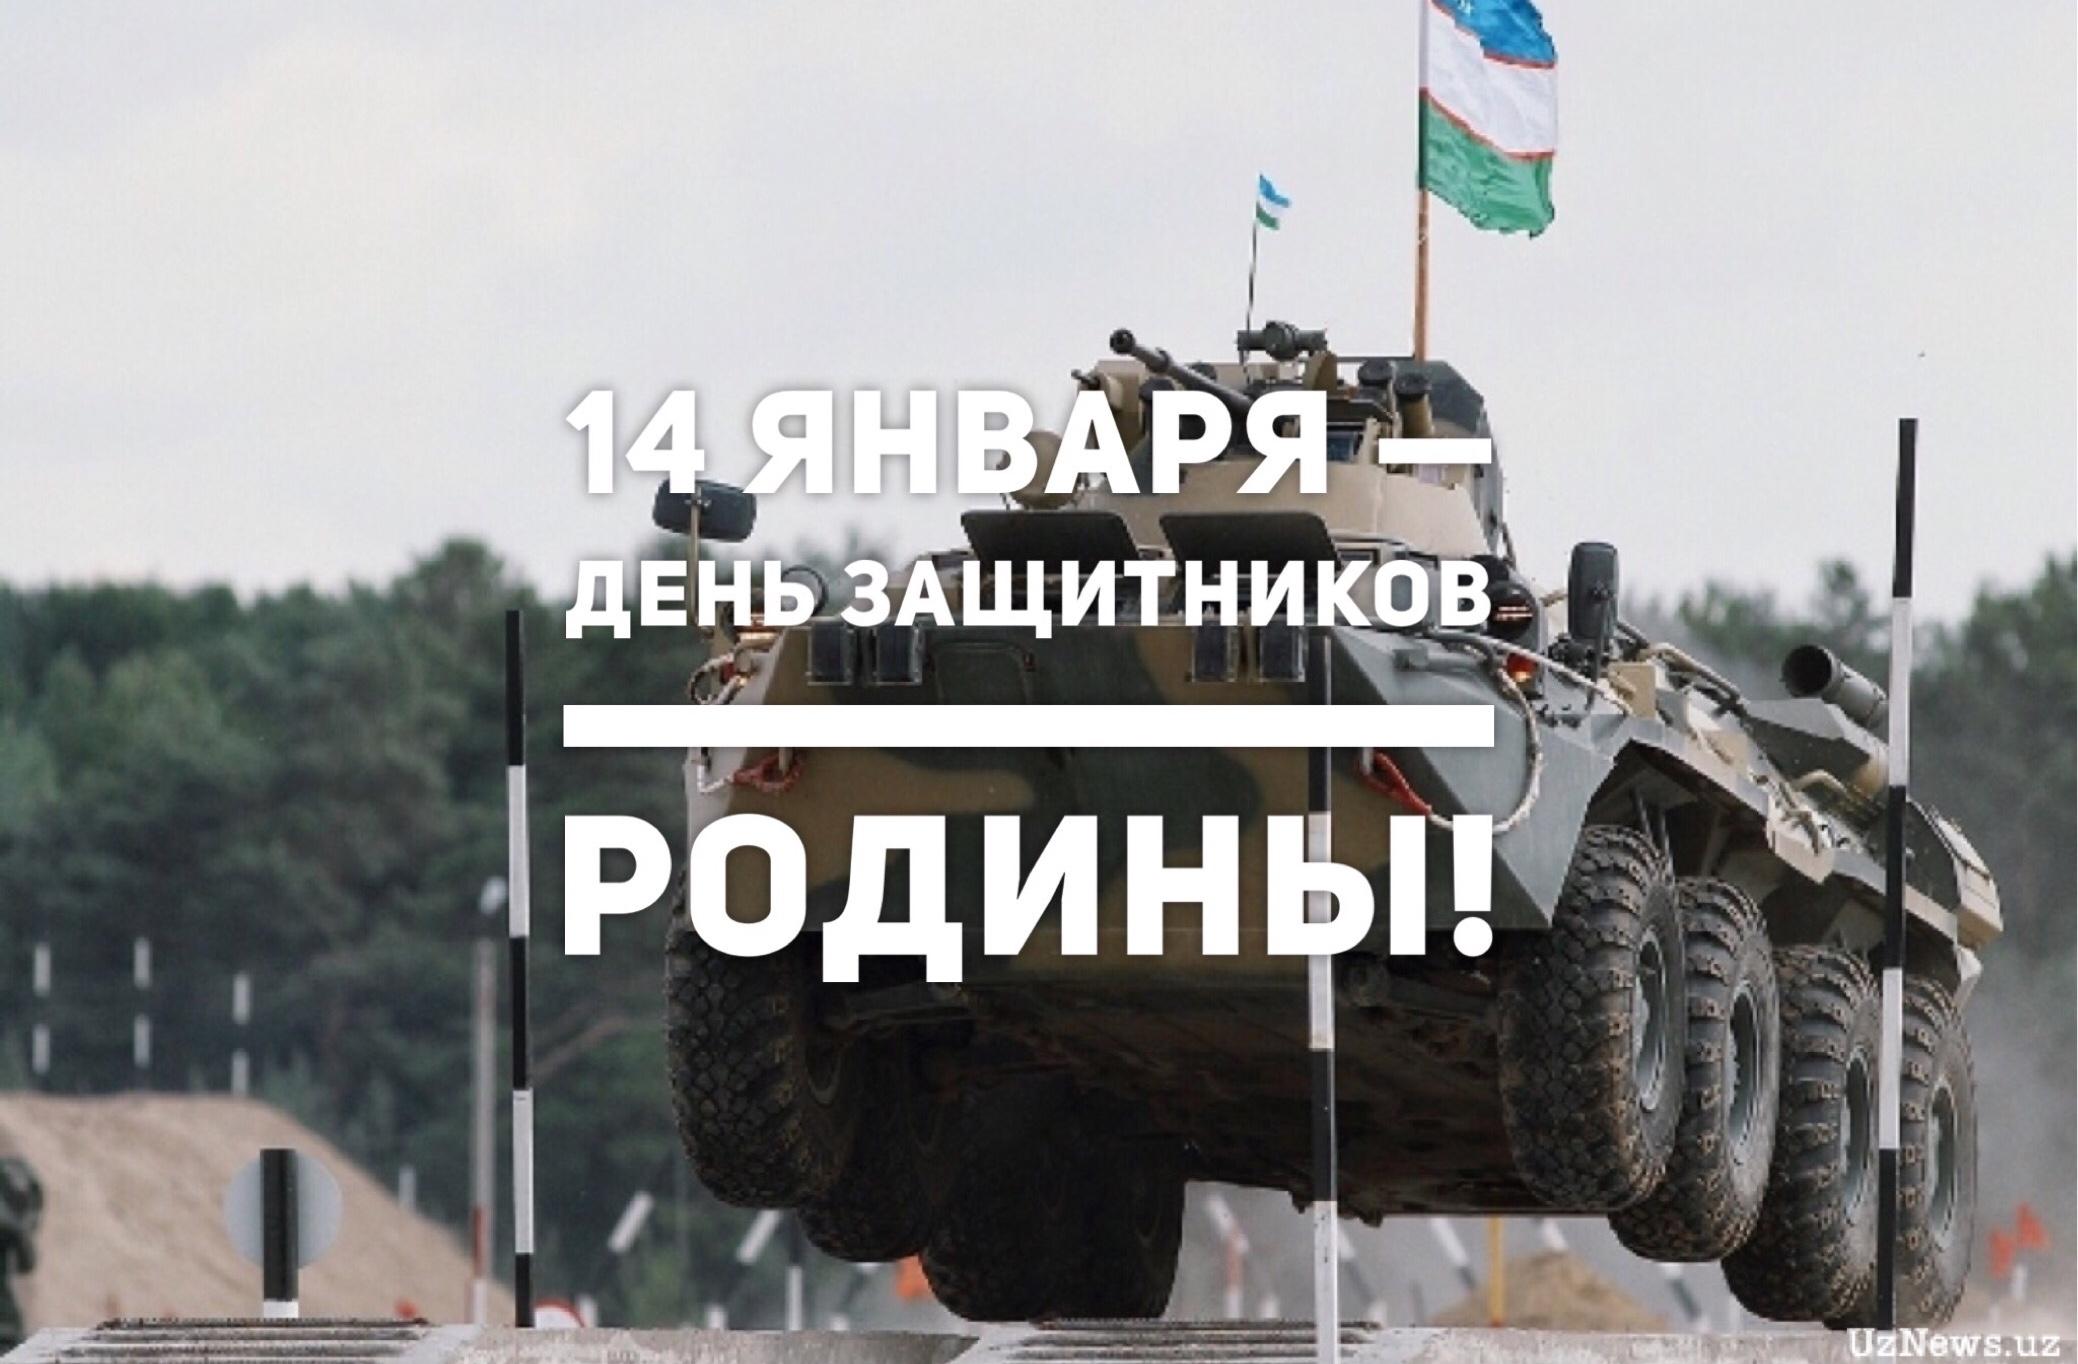 Поздравления с днем узбекской армии